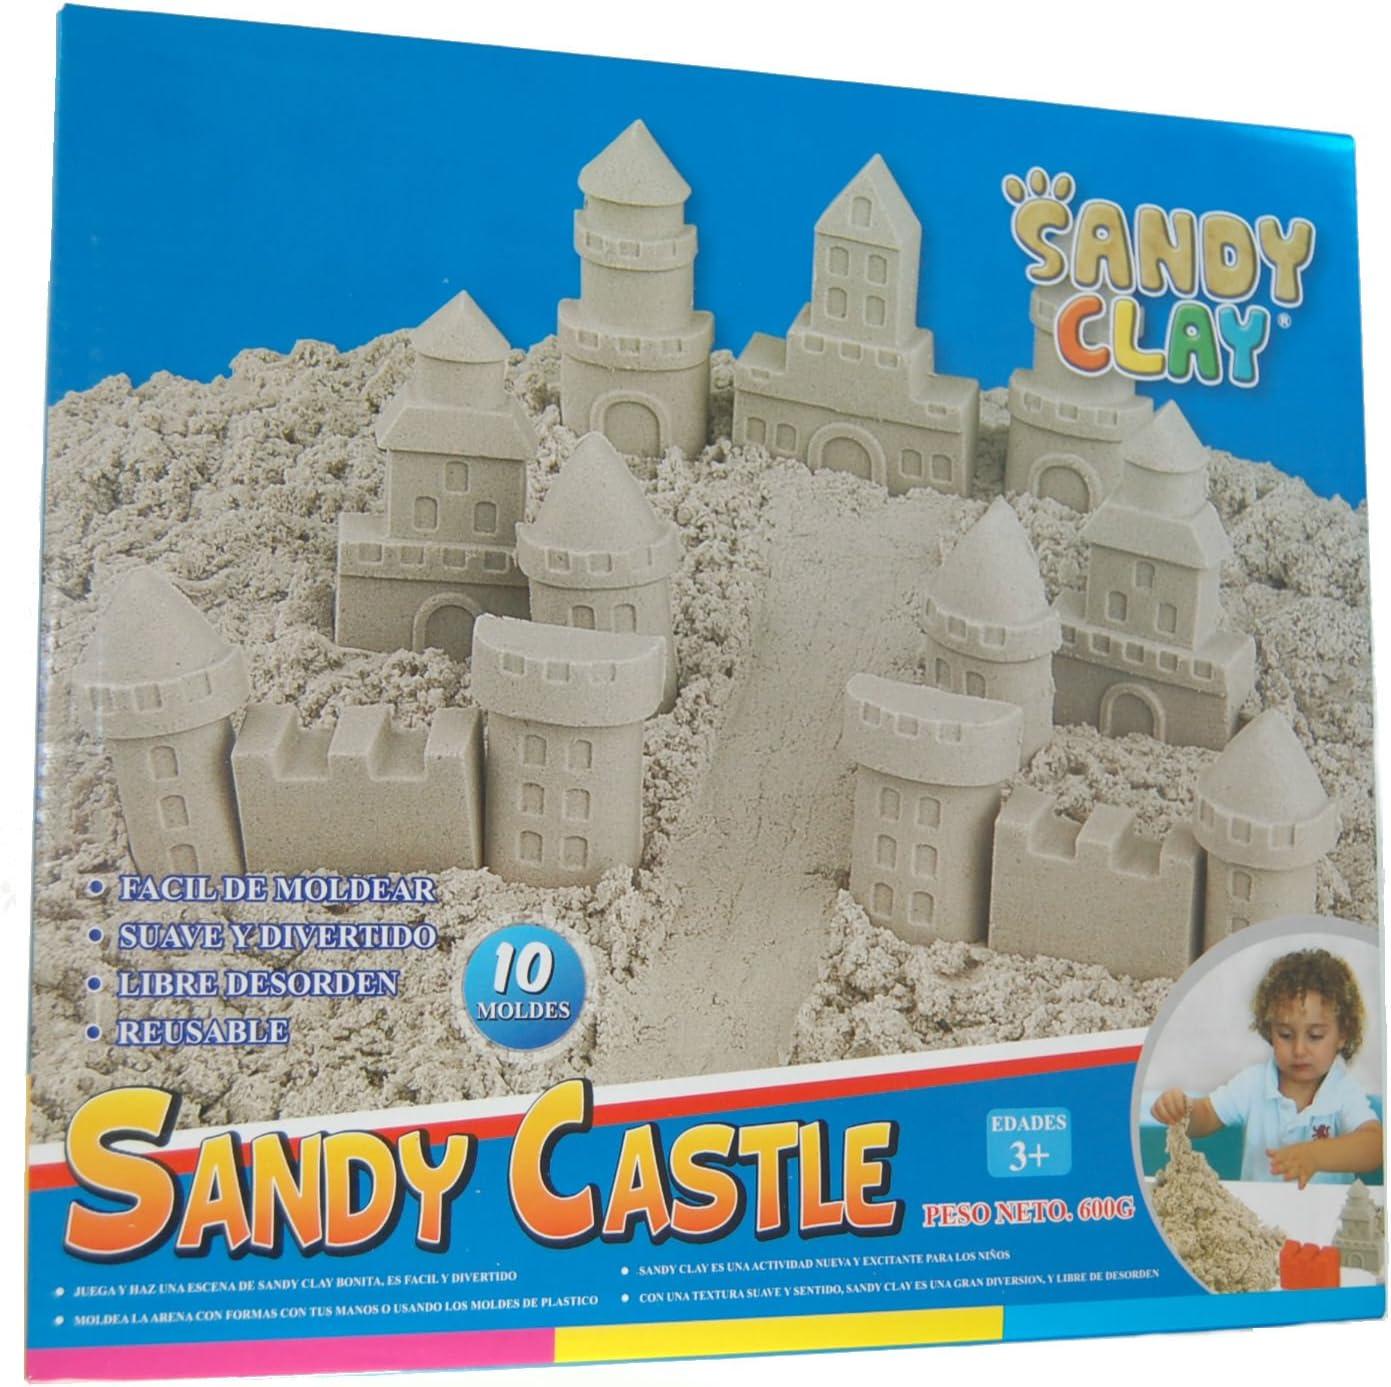 Sandy Clay - Juego de Moldear Arena - Castillo Arena Moldeable - 600 g - 10 Moldes - Actividad Creativa: Amazon.es: Juguetes y juegos